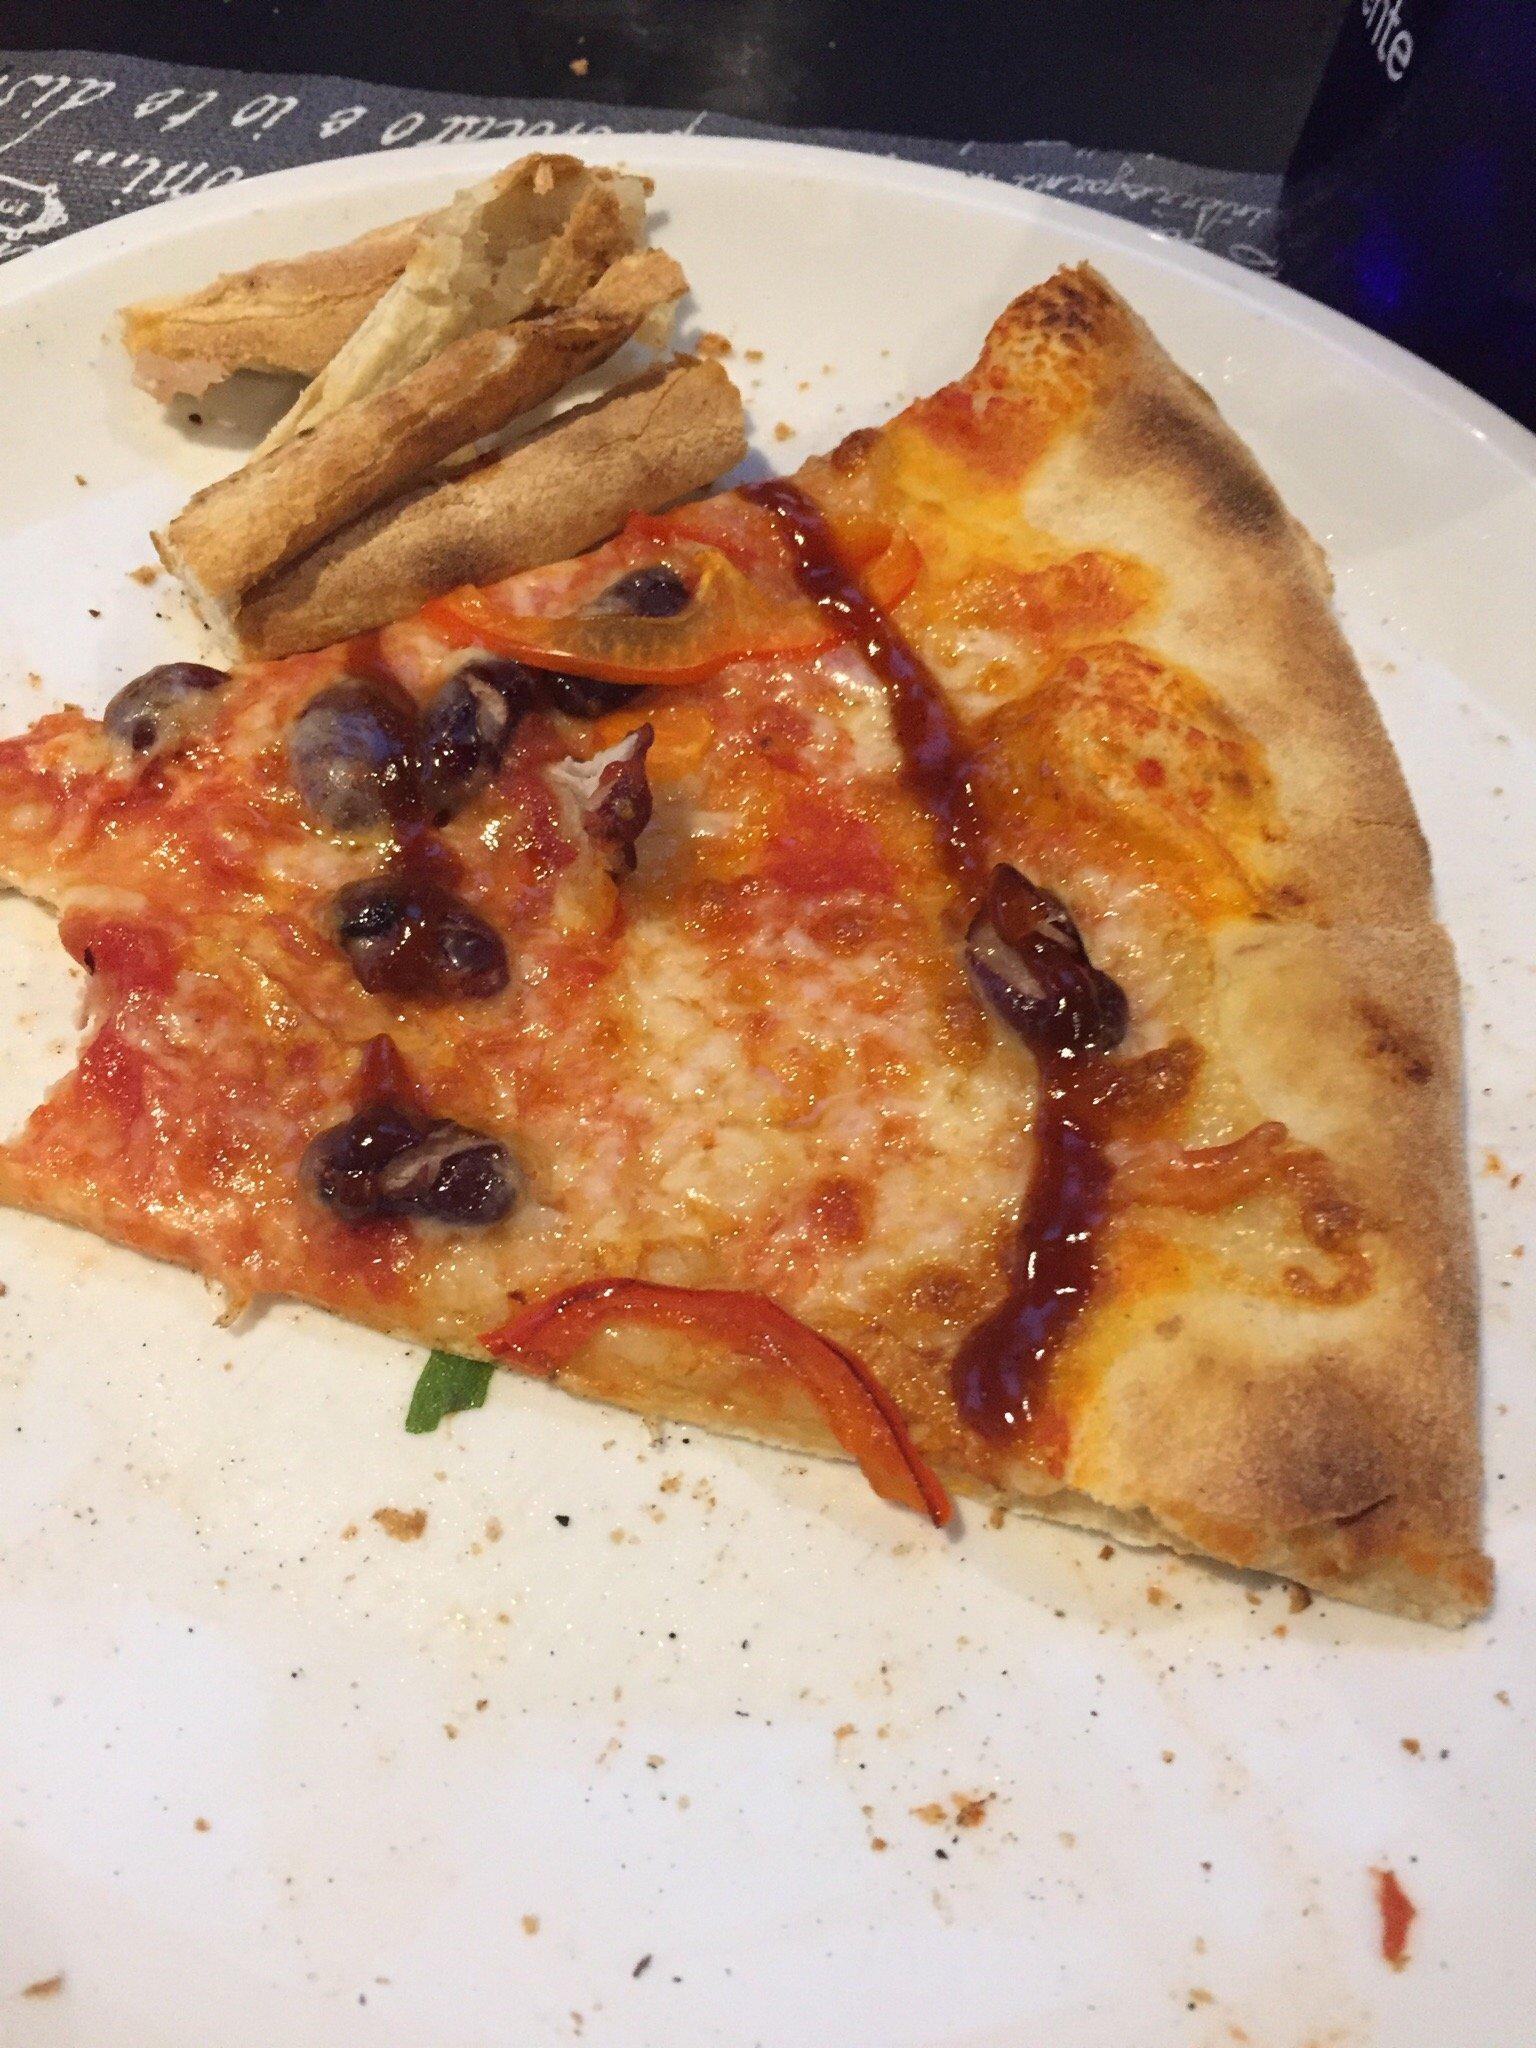 Mille Gusti Nova Milanese Prezzi infinity pizza a milano - menù, prezzi, recensioni del